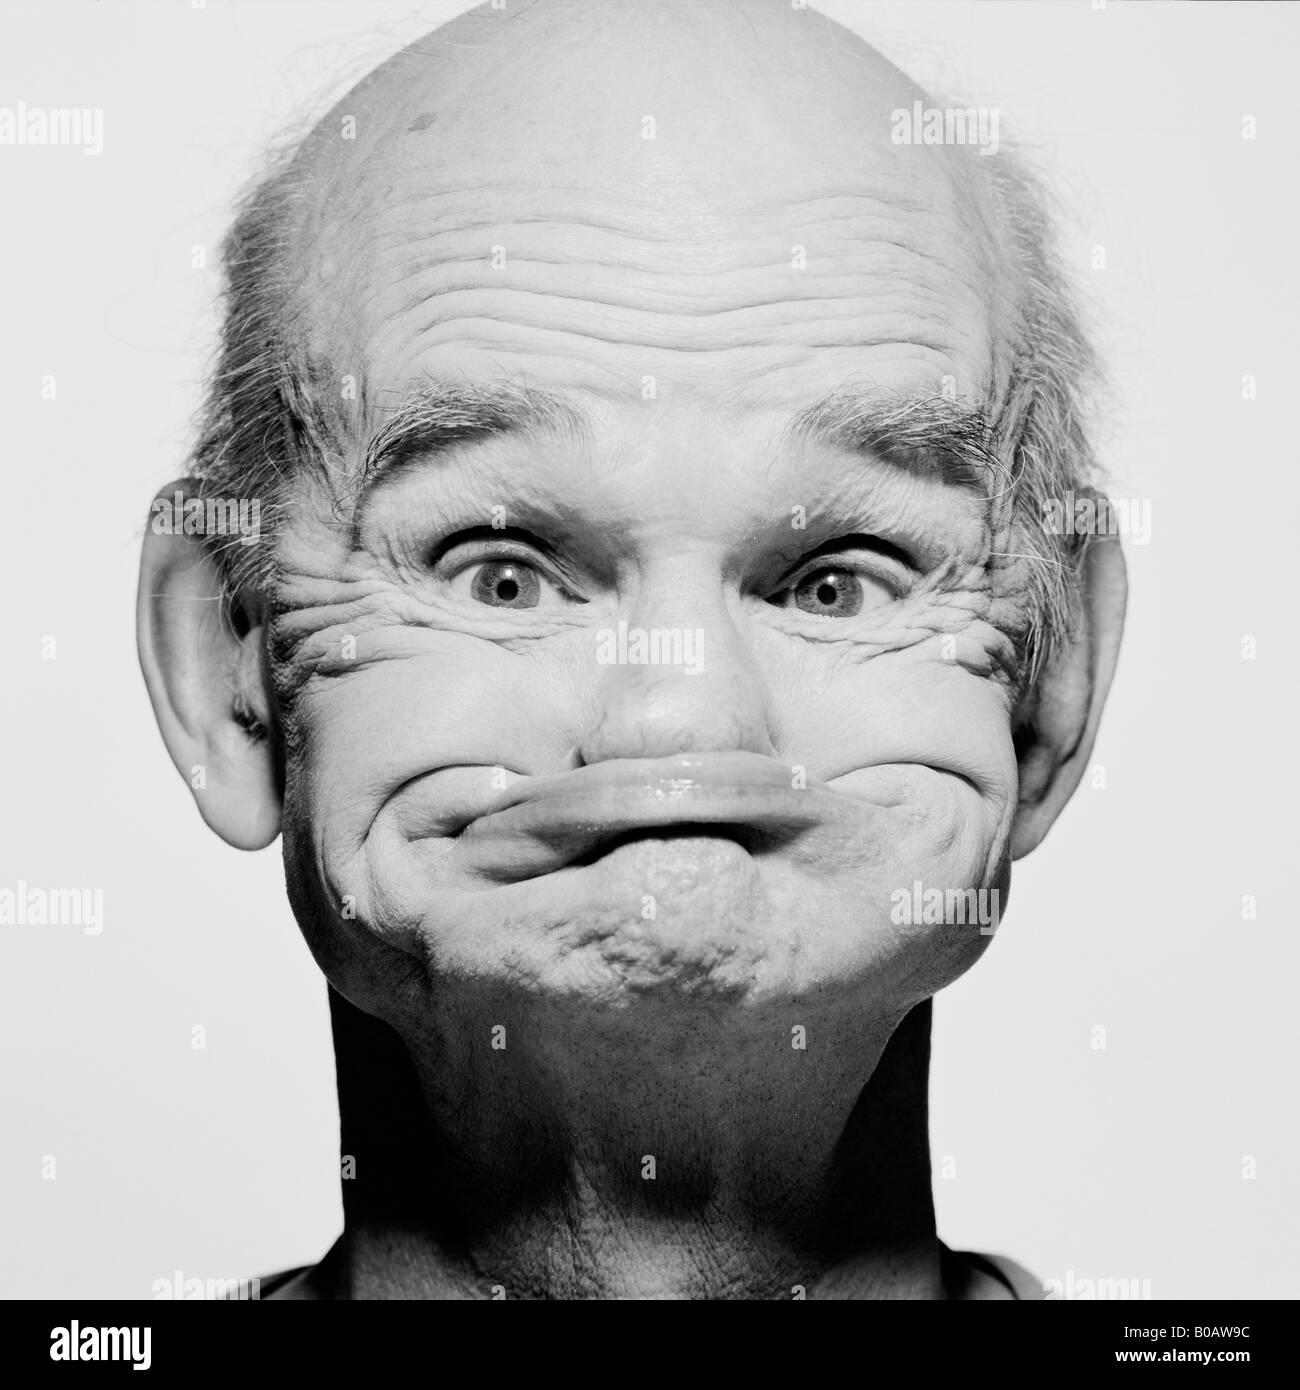 Zähne ohne foto mann Menschen ohne